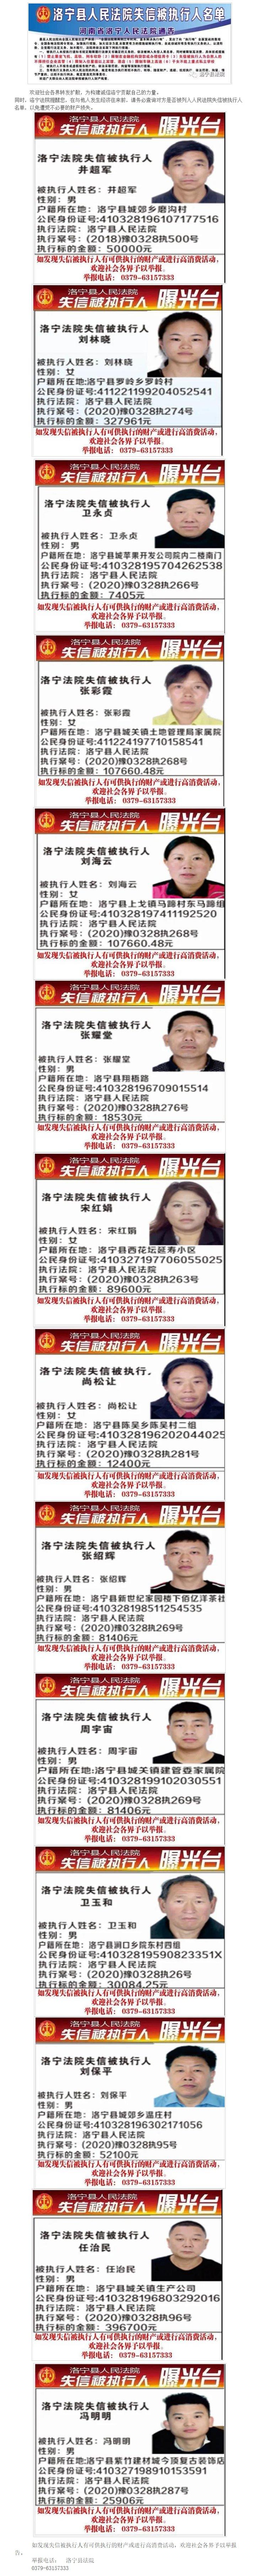 7月份第一批失信被执行人名单曝光 - 洛宁县法院网_副本